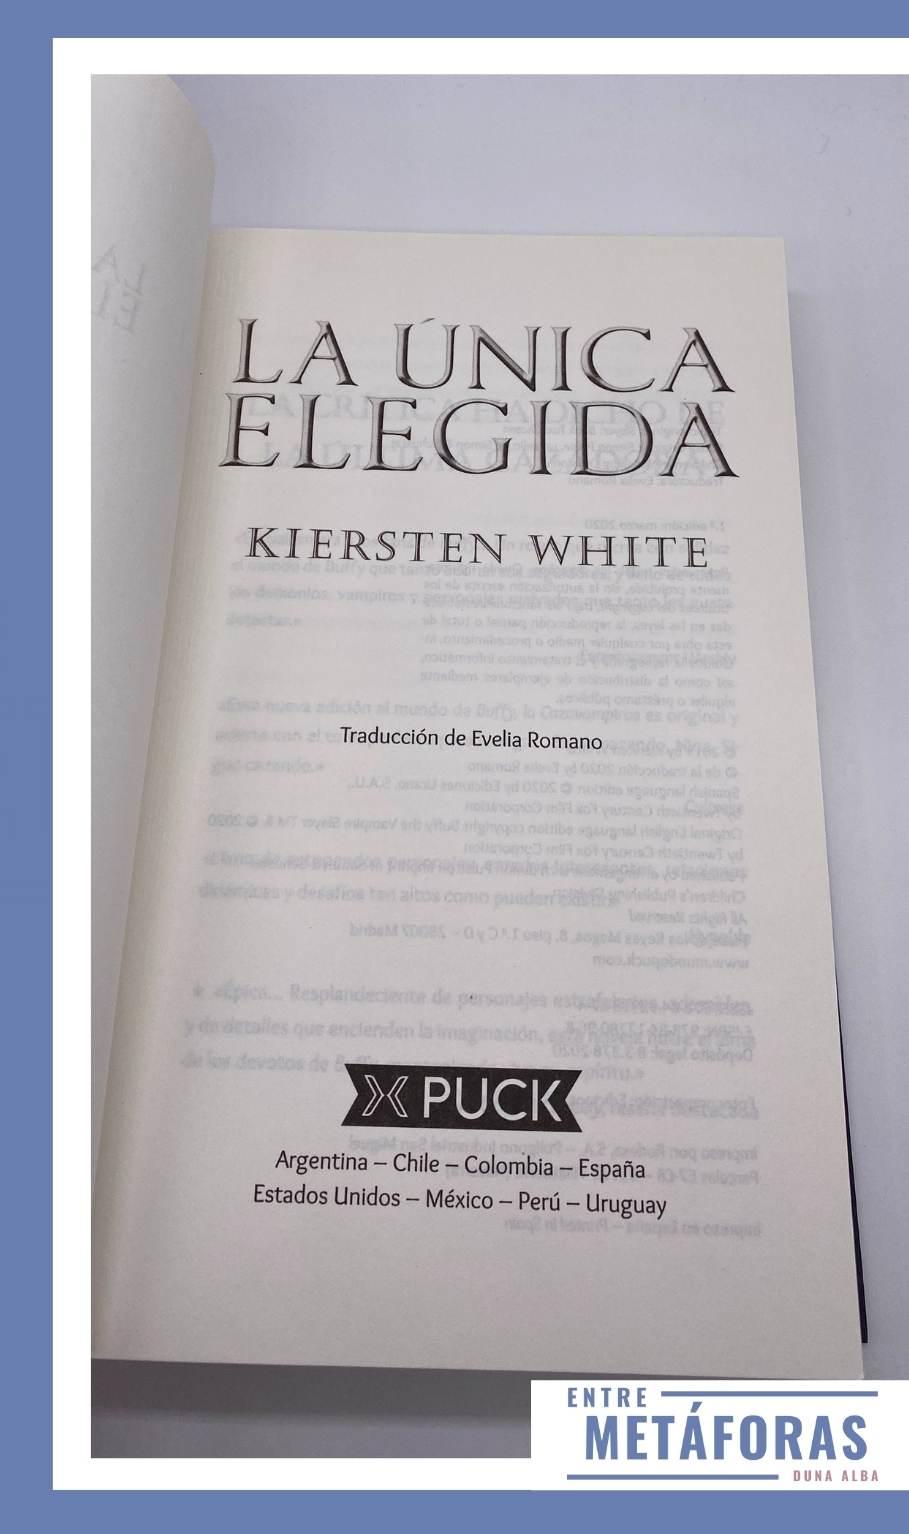 La única elegida, de Kiersten White